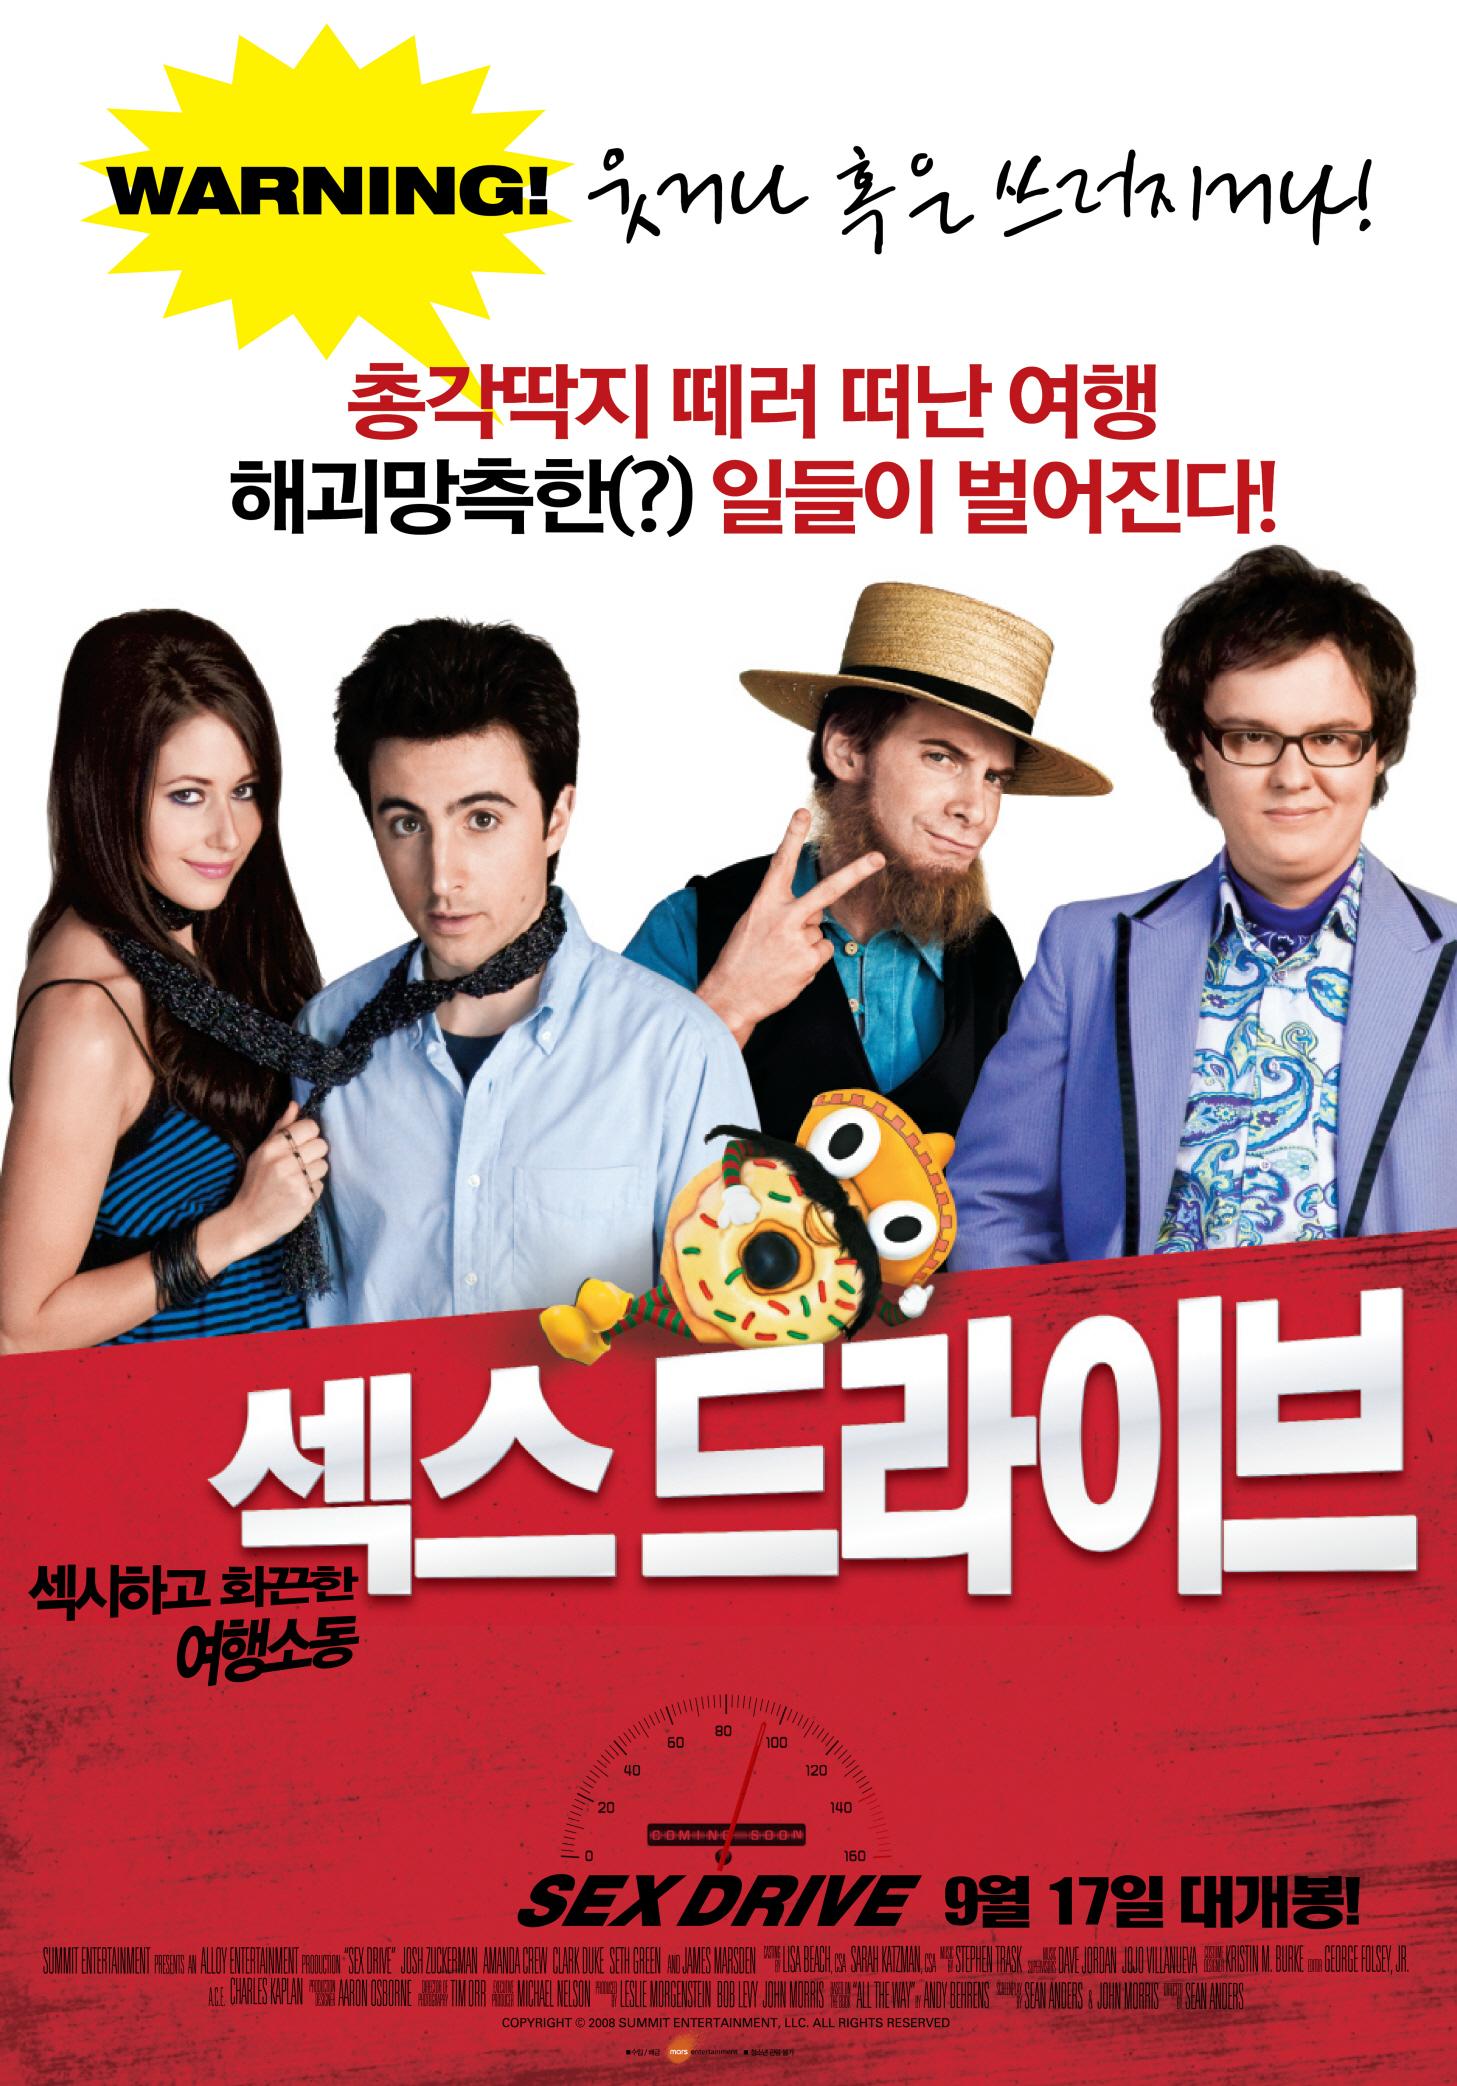 Фильм сексдрайф 2008